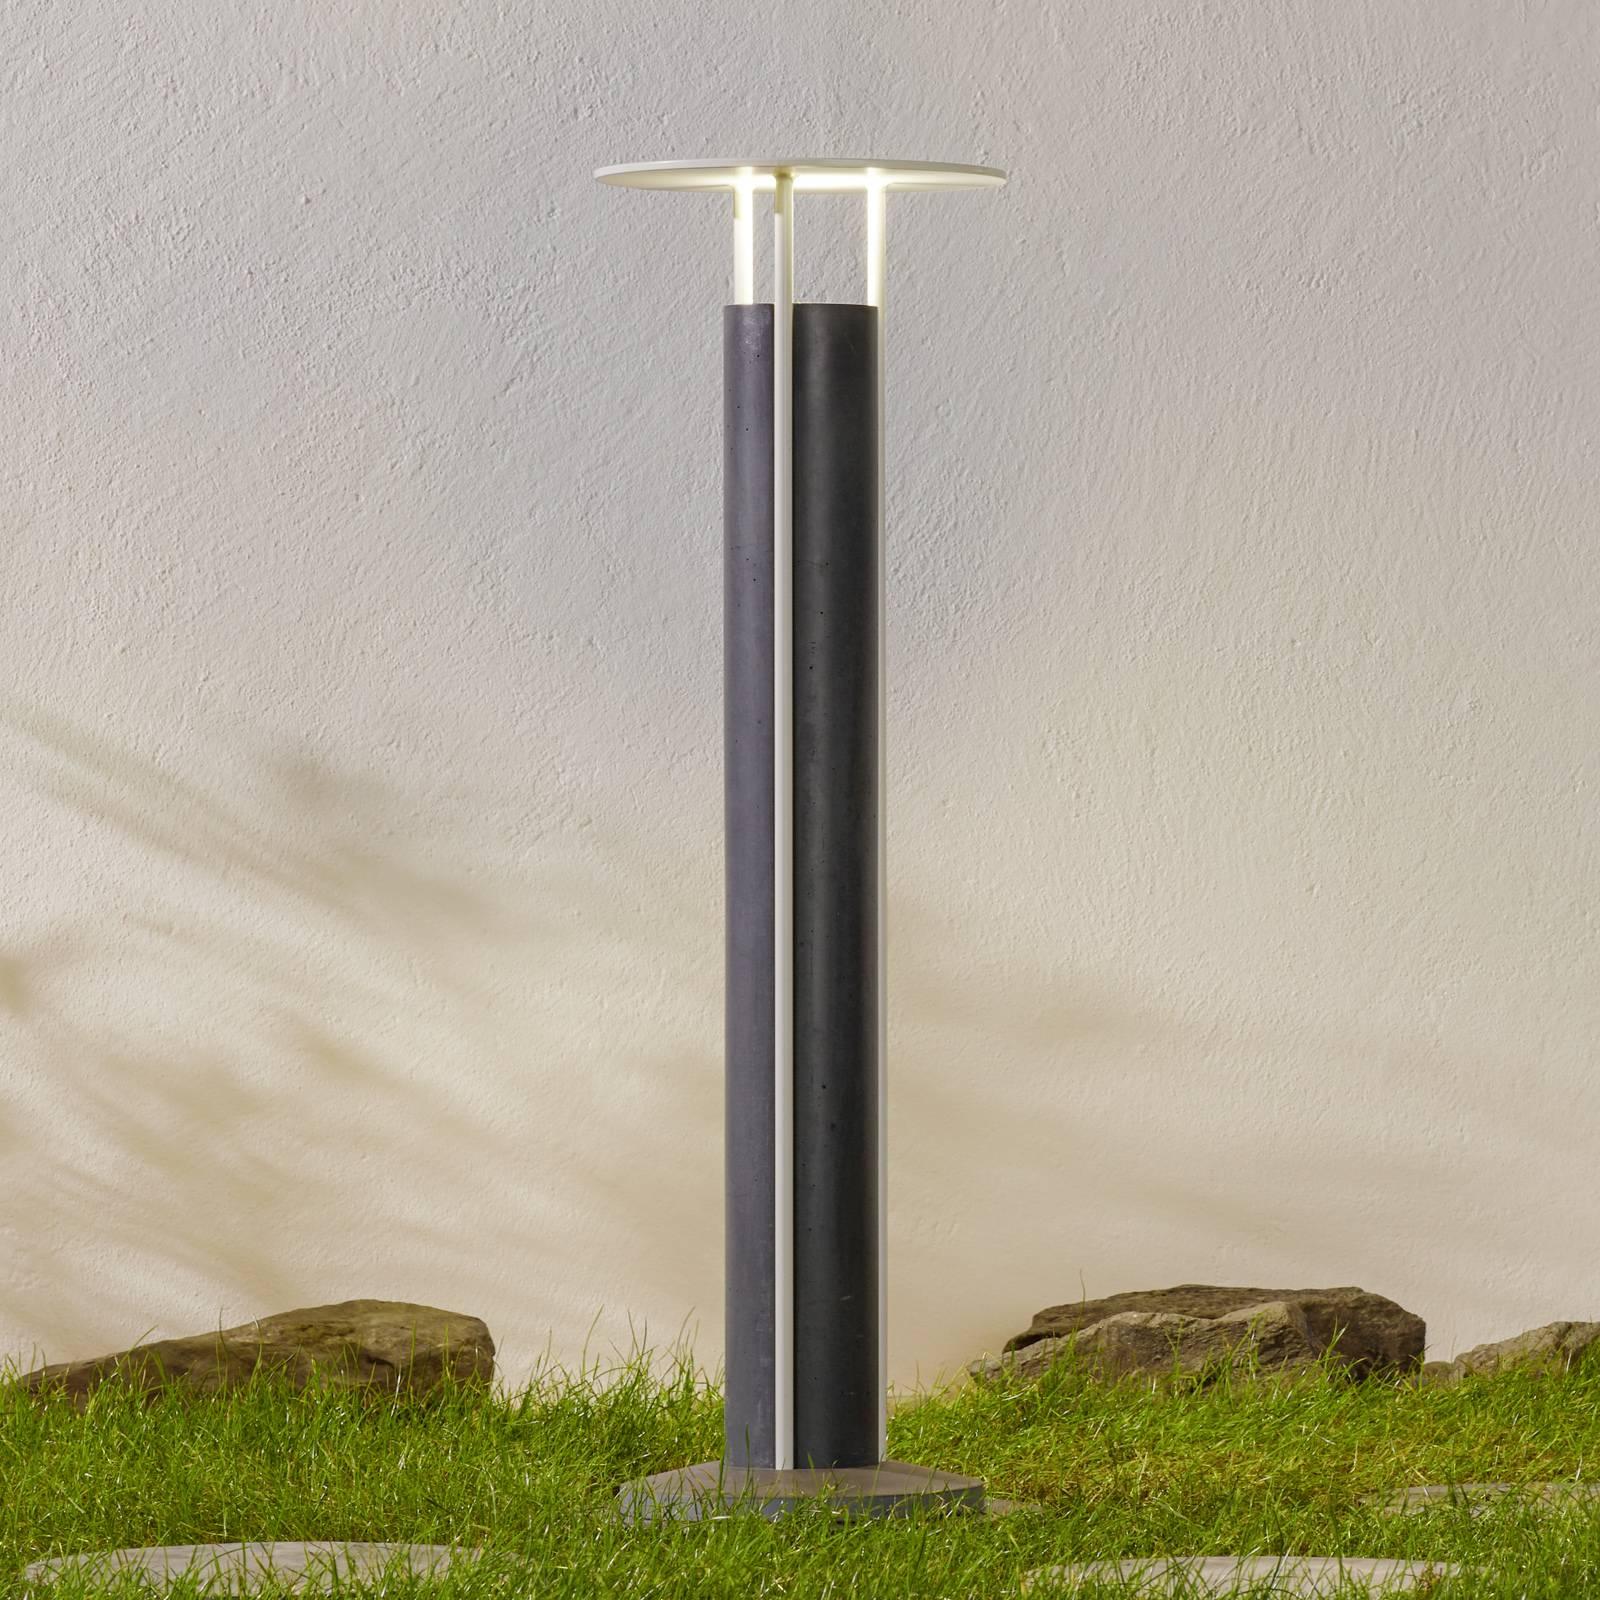 Bilde av Gatelampe Ercole - Designstudio Formidable Svart